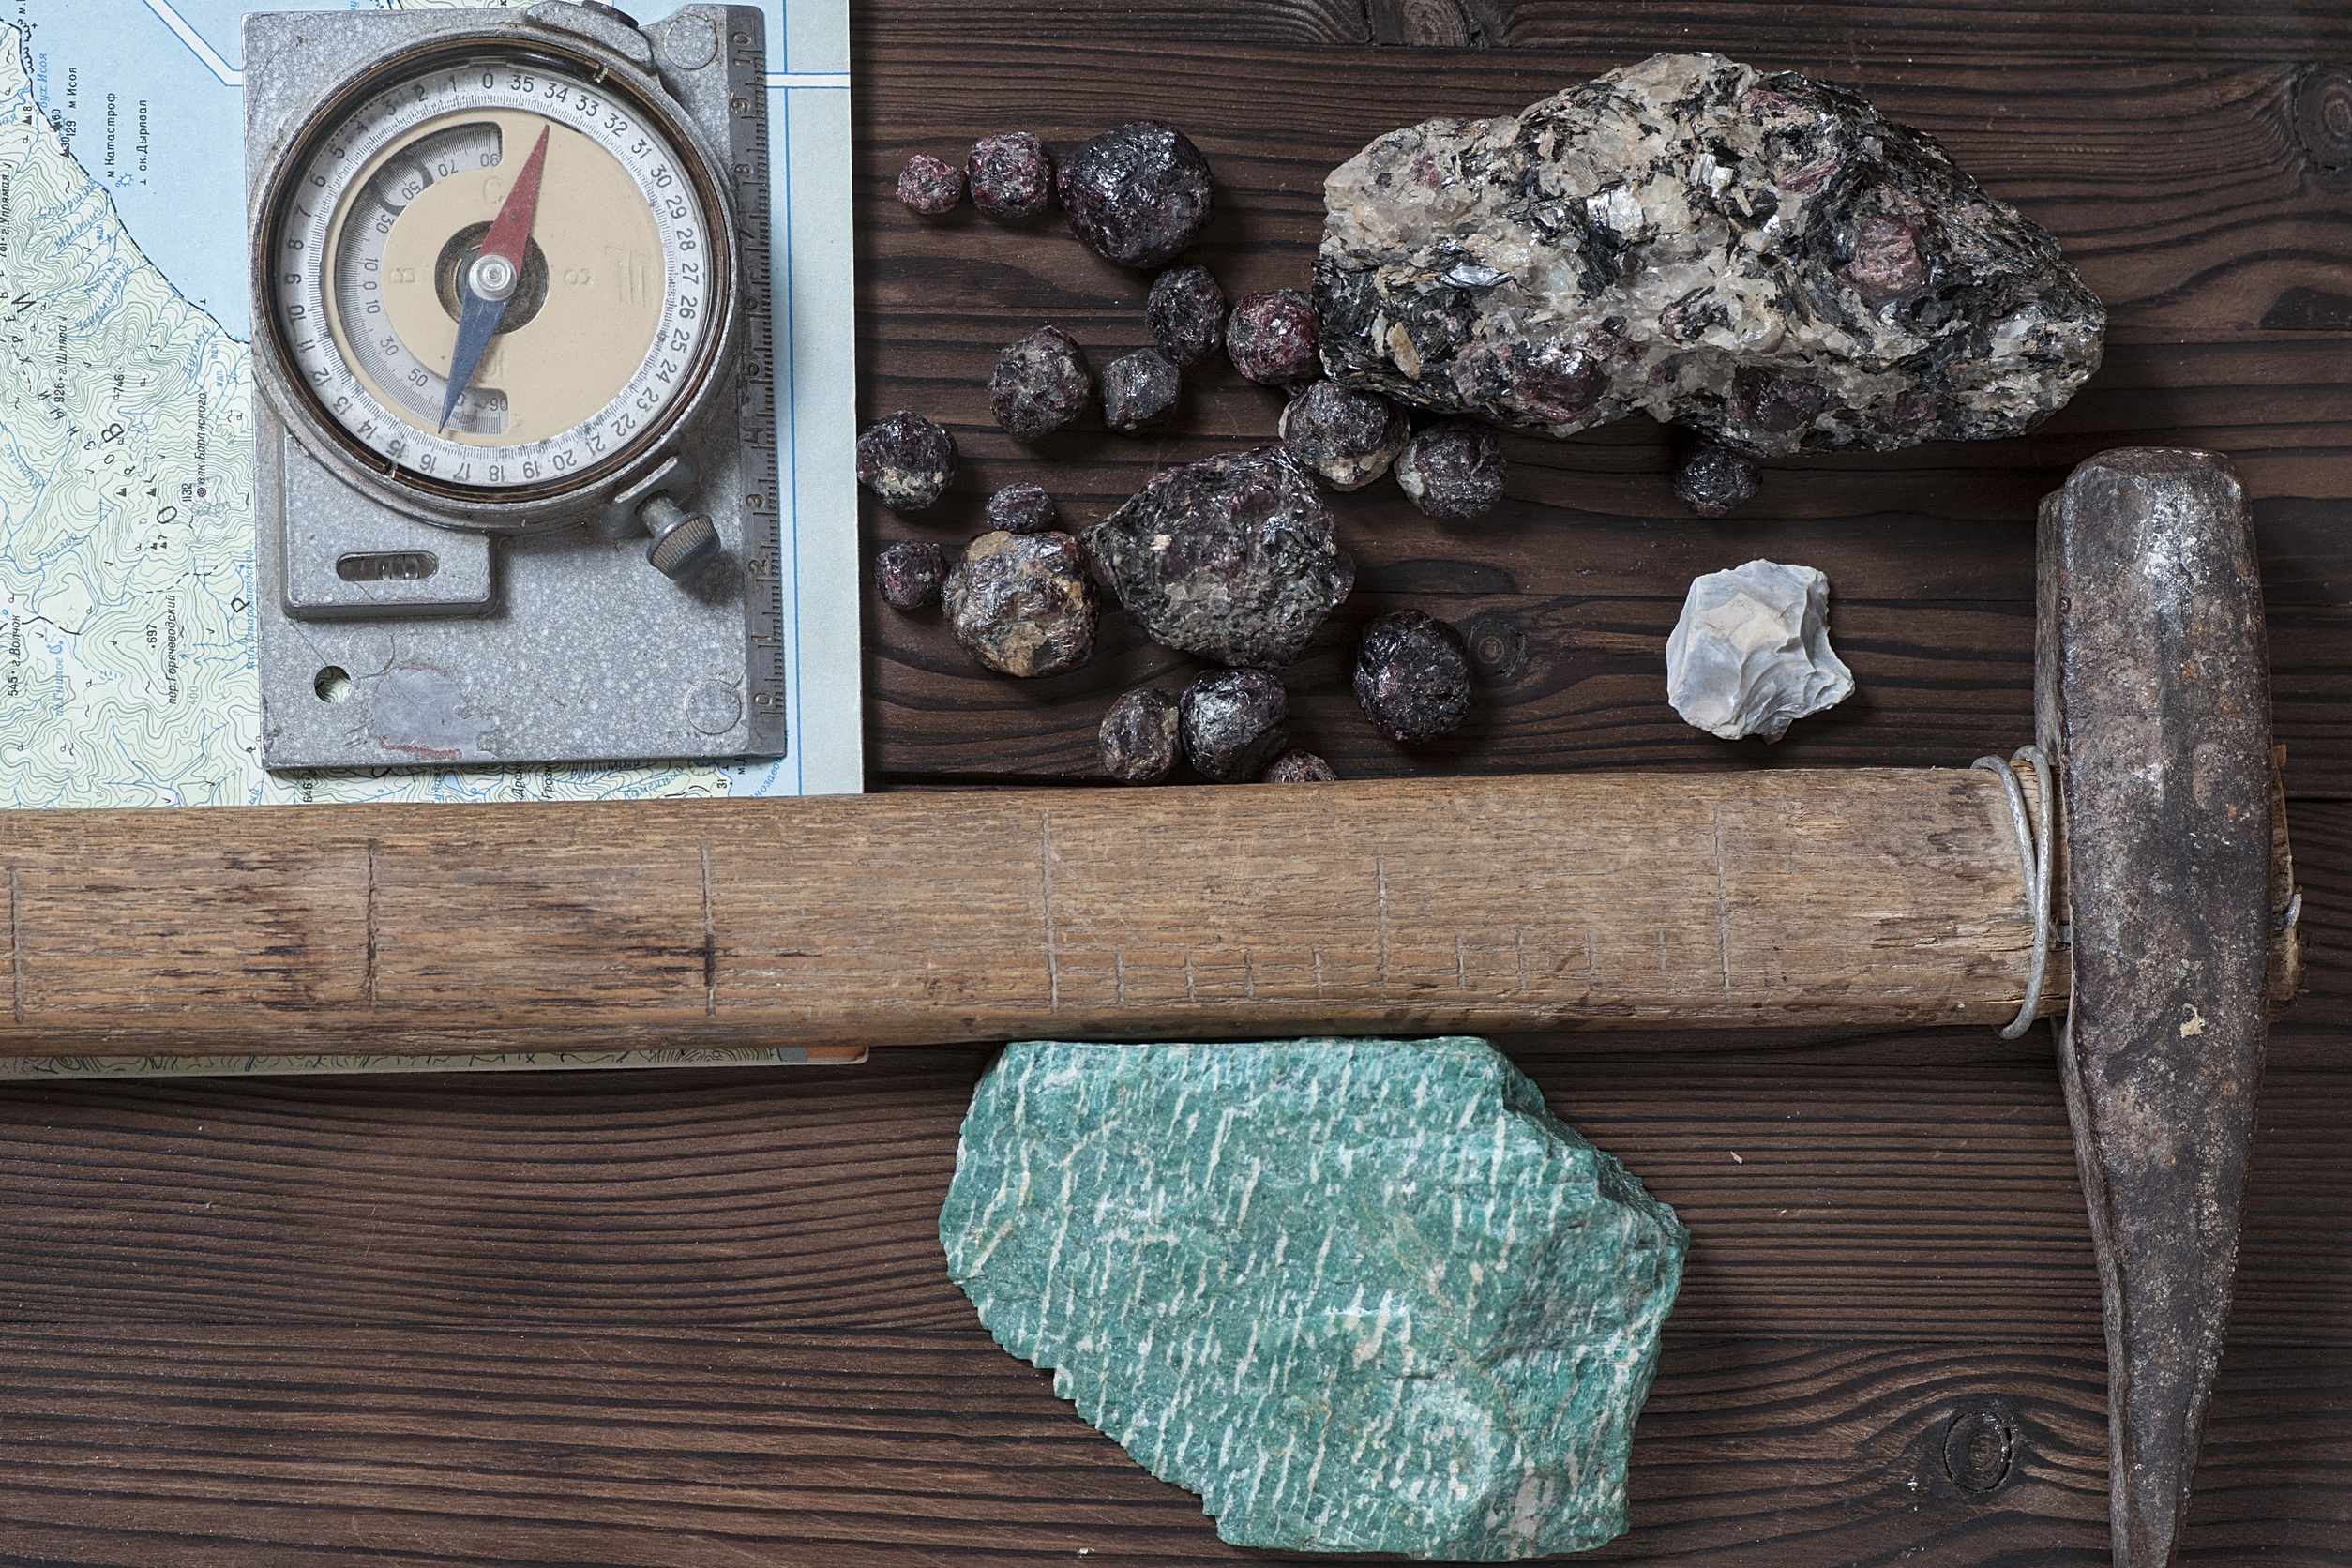 Geologenhammer: Test & Empfehlungen (12/20)